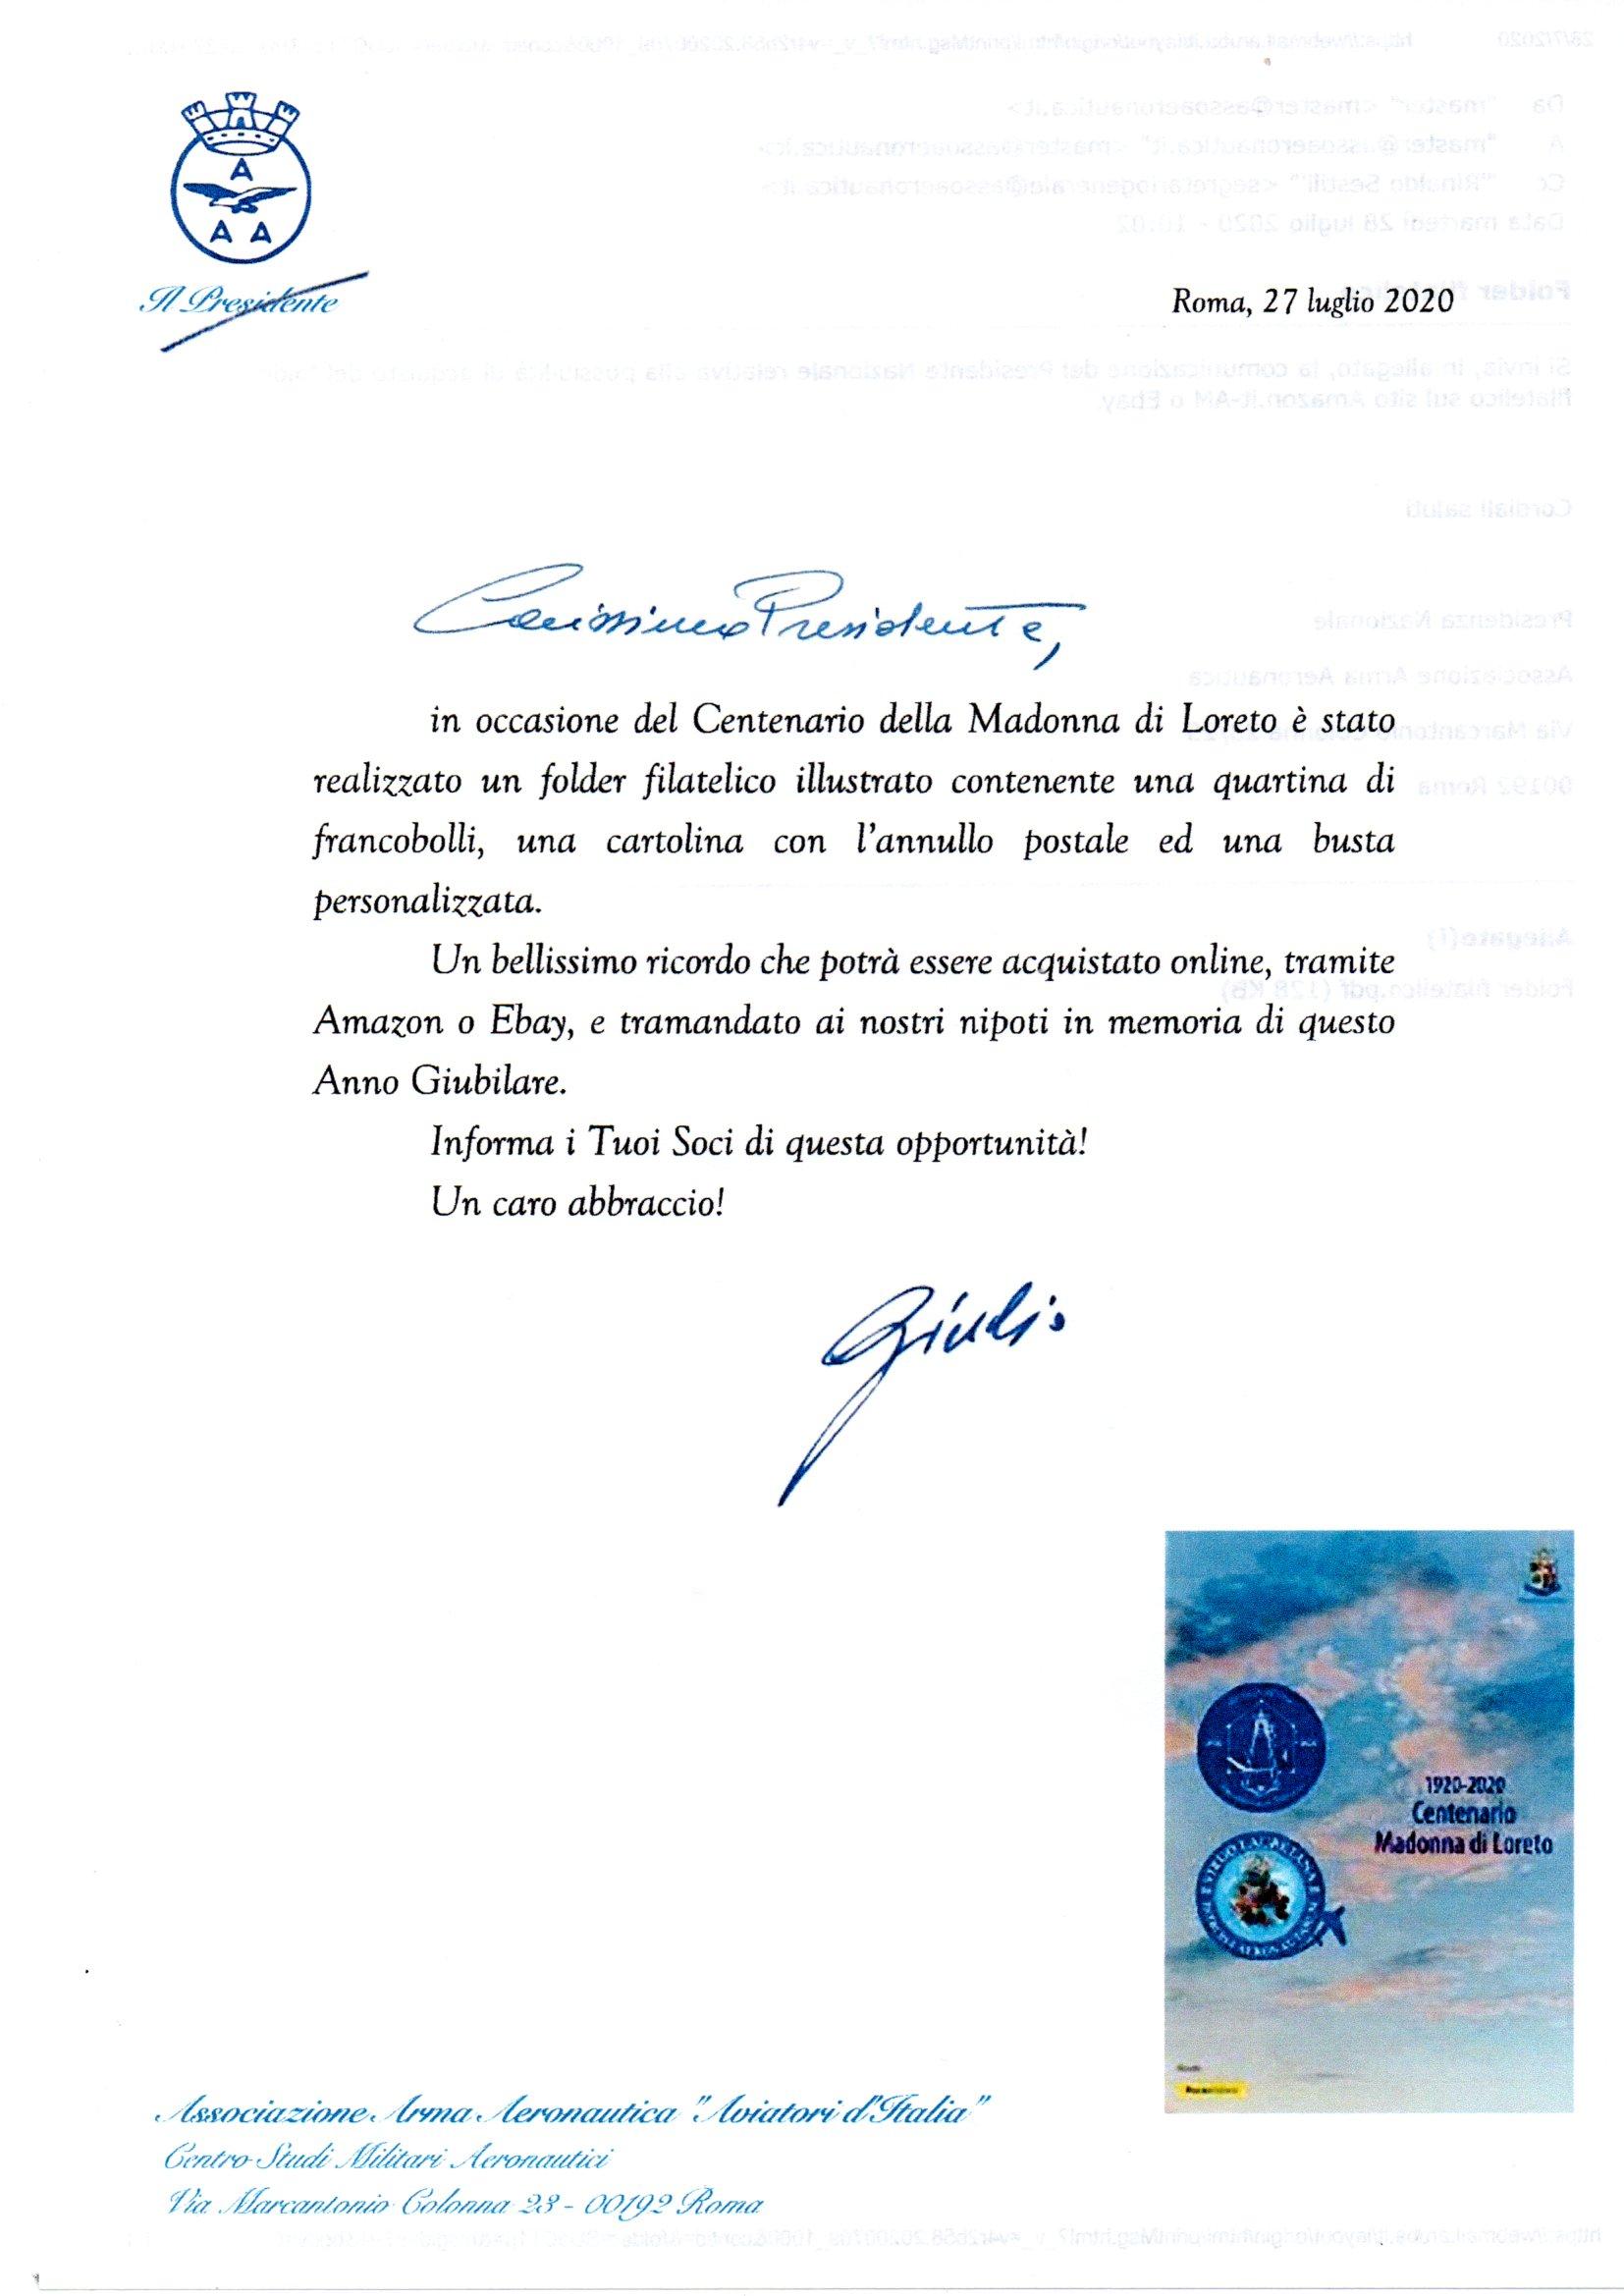 img20200911_17220195 folder filatelico